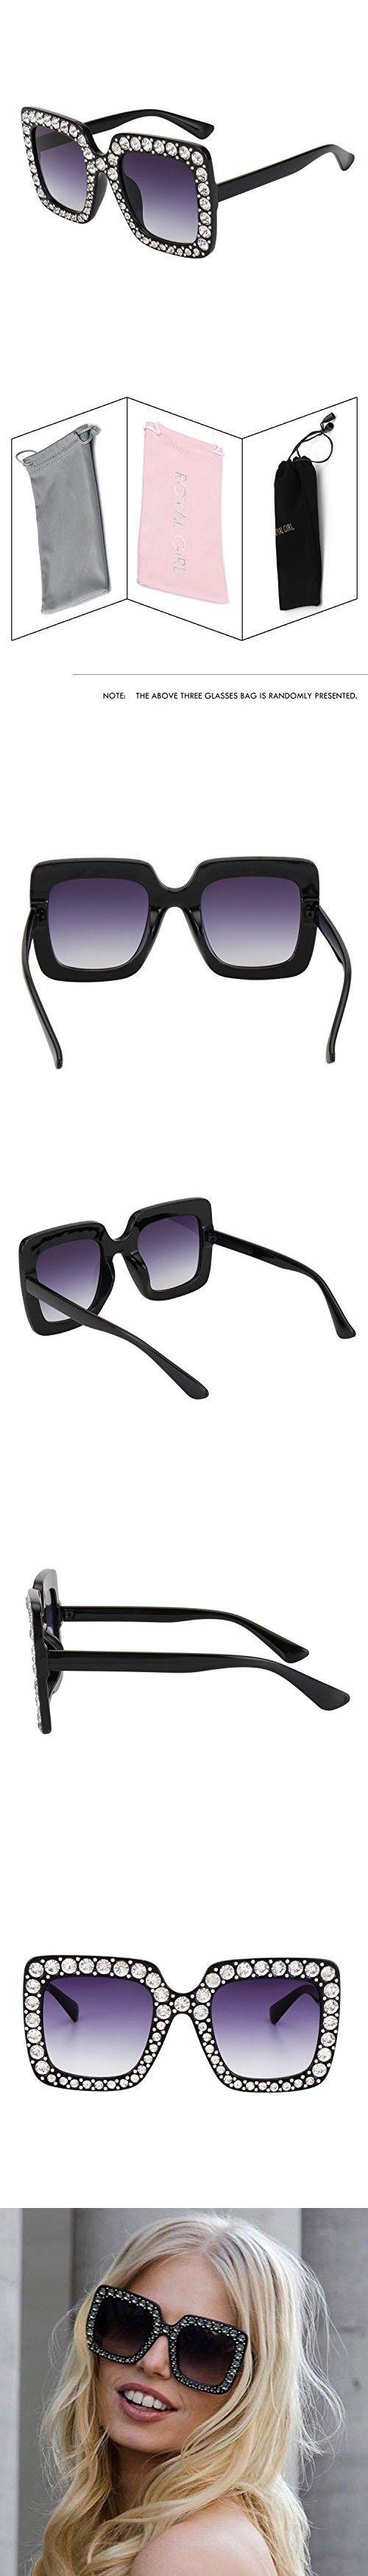 50bf4083c75 ROYAL GIRL Black Sunglasses For Women Oversized Square Luxury Crystal Frame  Brand Designer Fashion Glasses (